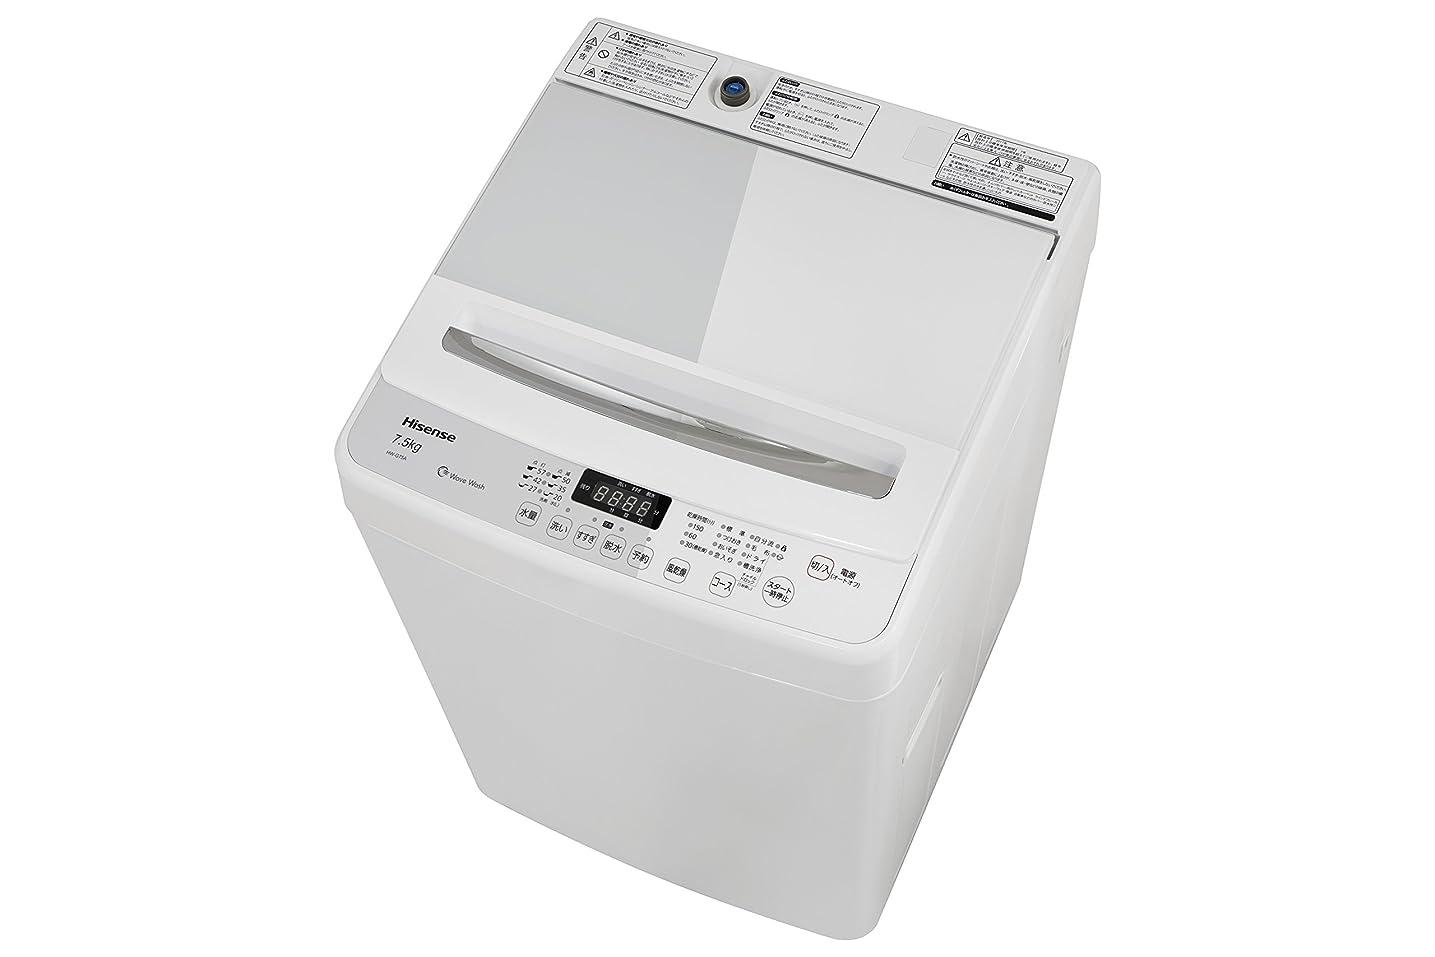 締め切り航空天ハイセンス 最短10分で洗濯できる 全自動洗濯機 7.5kg HW-G75A